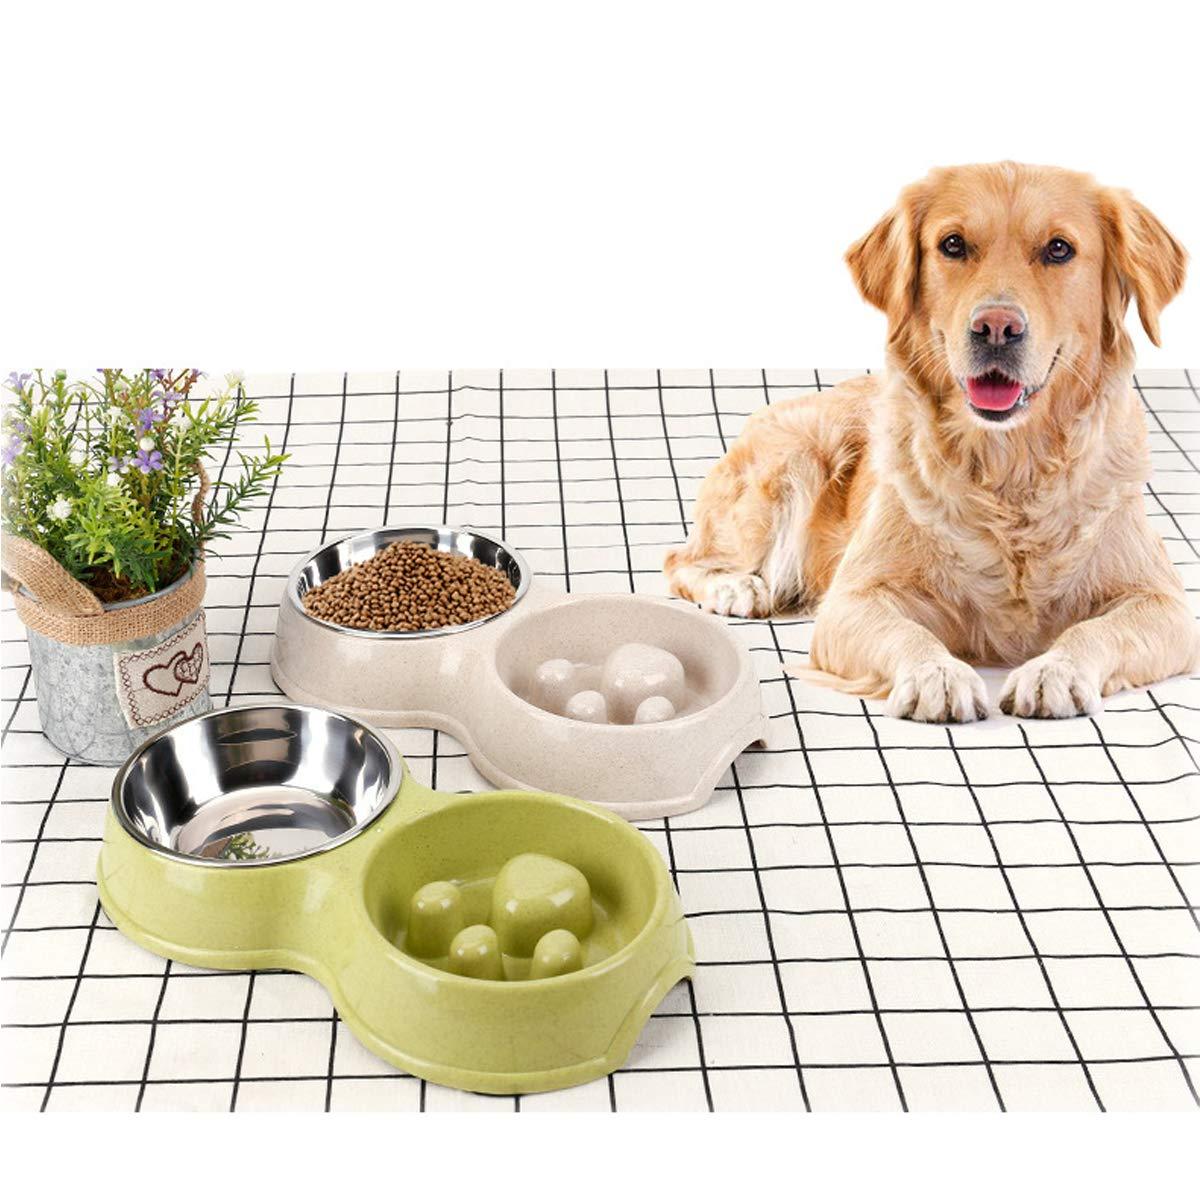 alimento del Perrito de la Anti-obstrucci/ón del Acero Inoxidable y alimentador del Agua para los Gatos del Perro Verde Tineer Cuenco Lento del alimentador del Perro casero Doble